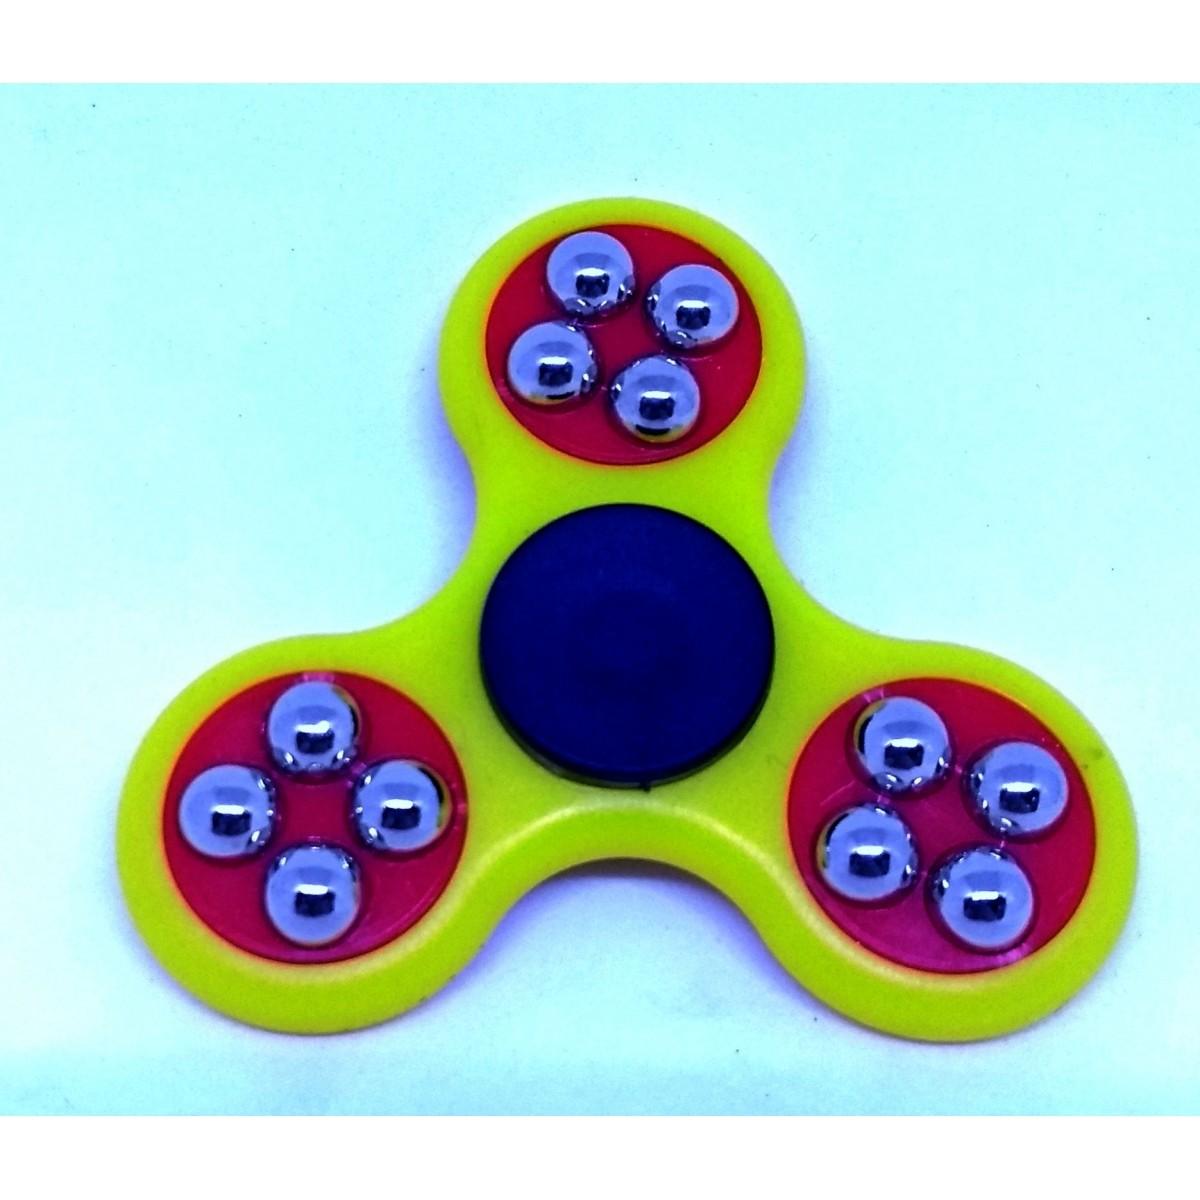 Hand Spinner com bolinhas Amarelo e Vermelho - Rolamento Anti Estresse Fidget Hand Spinner